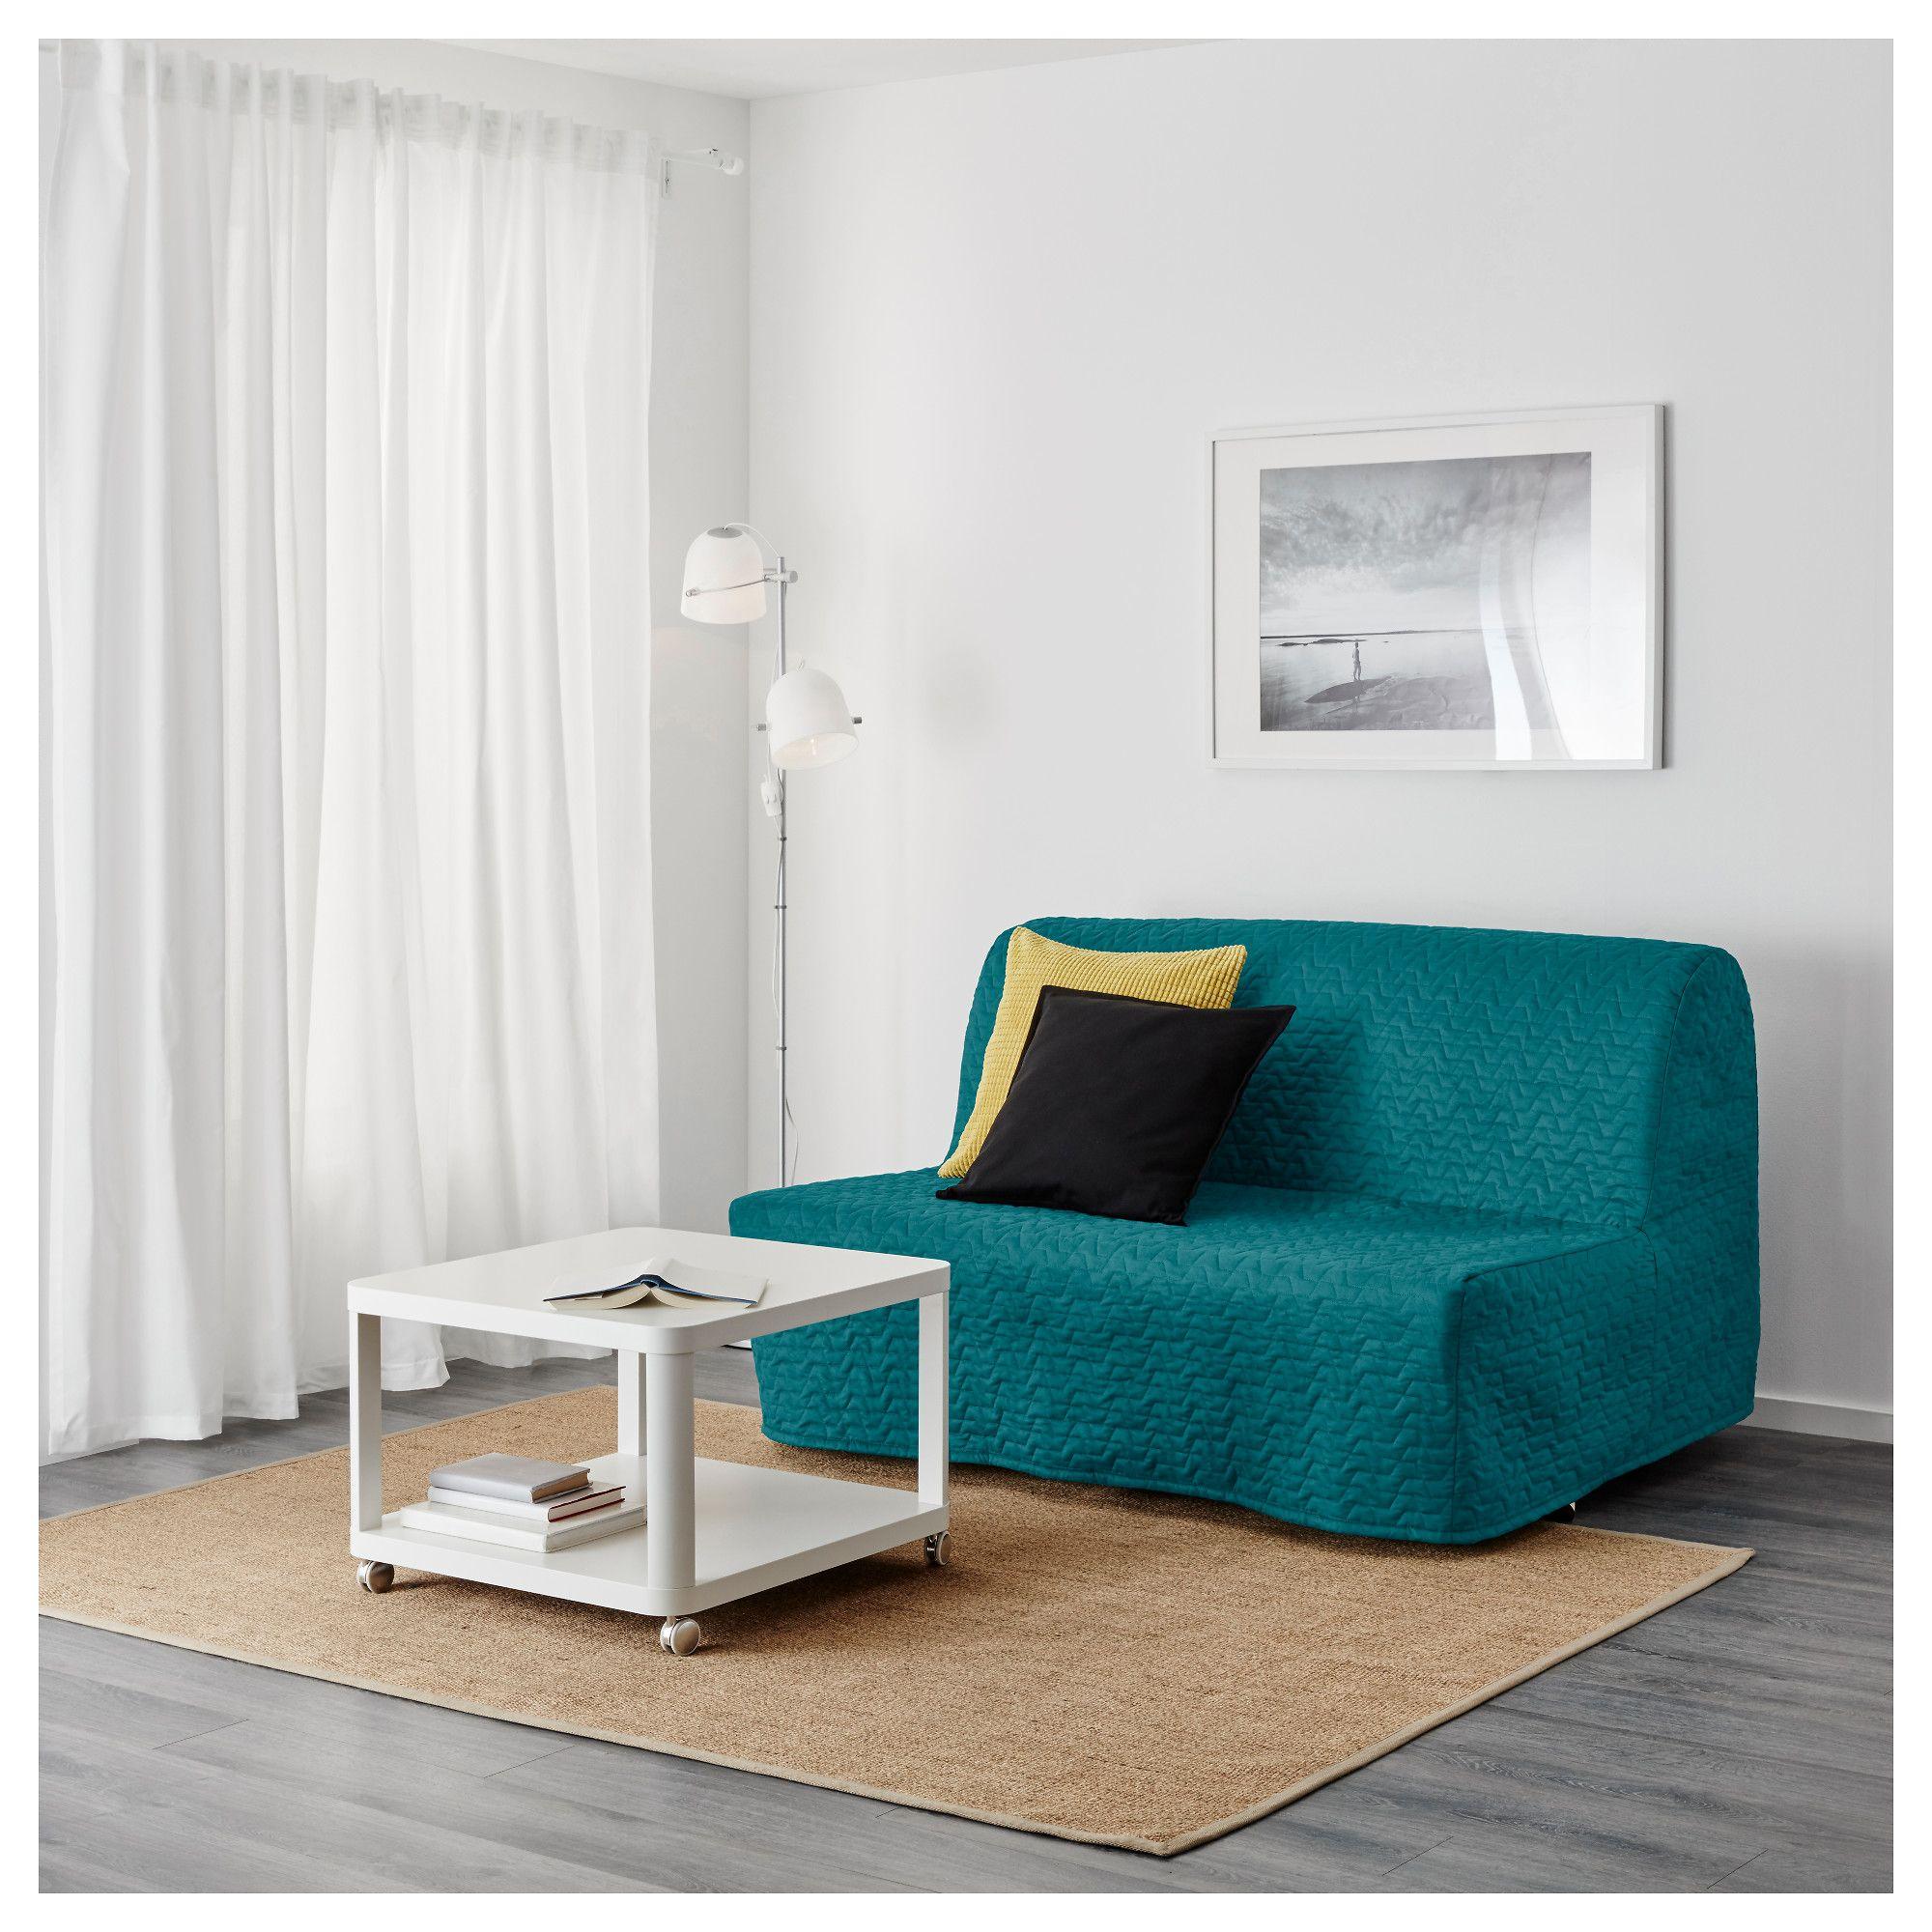 Lyksele Slaapbank Ikea.Futon Lycksele Lovas Vallarum Turquoise Mamatawe Foam Sofa Bed